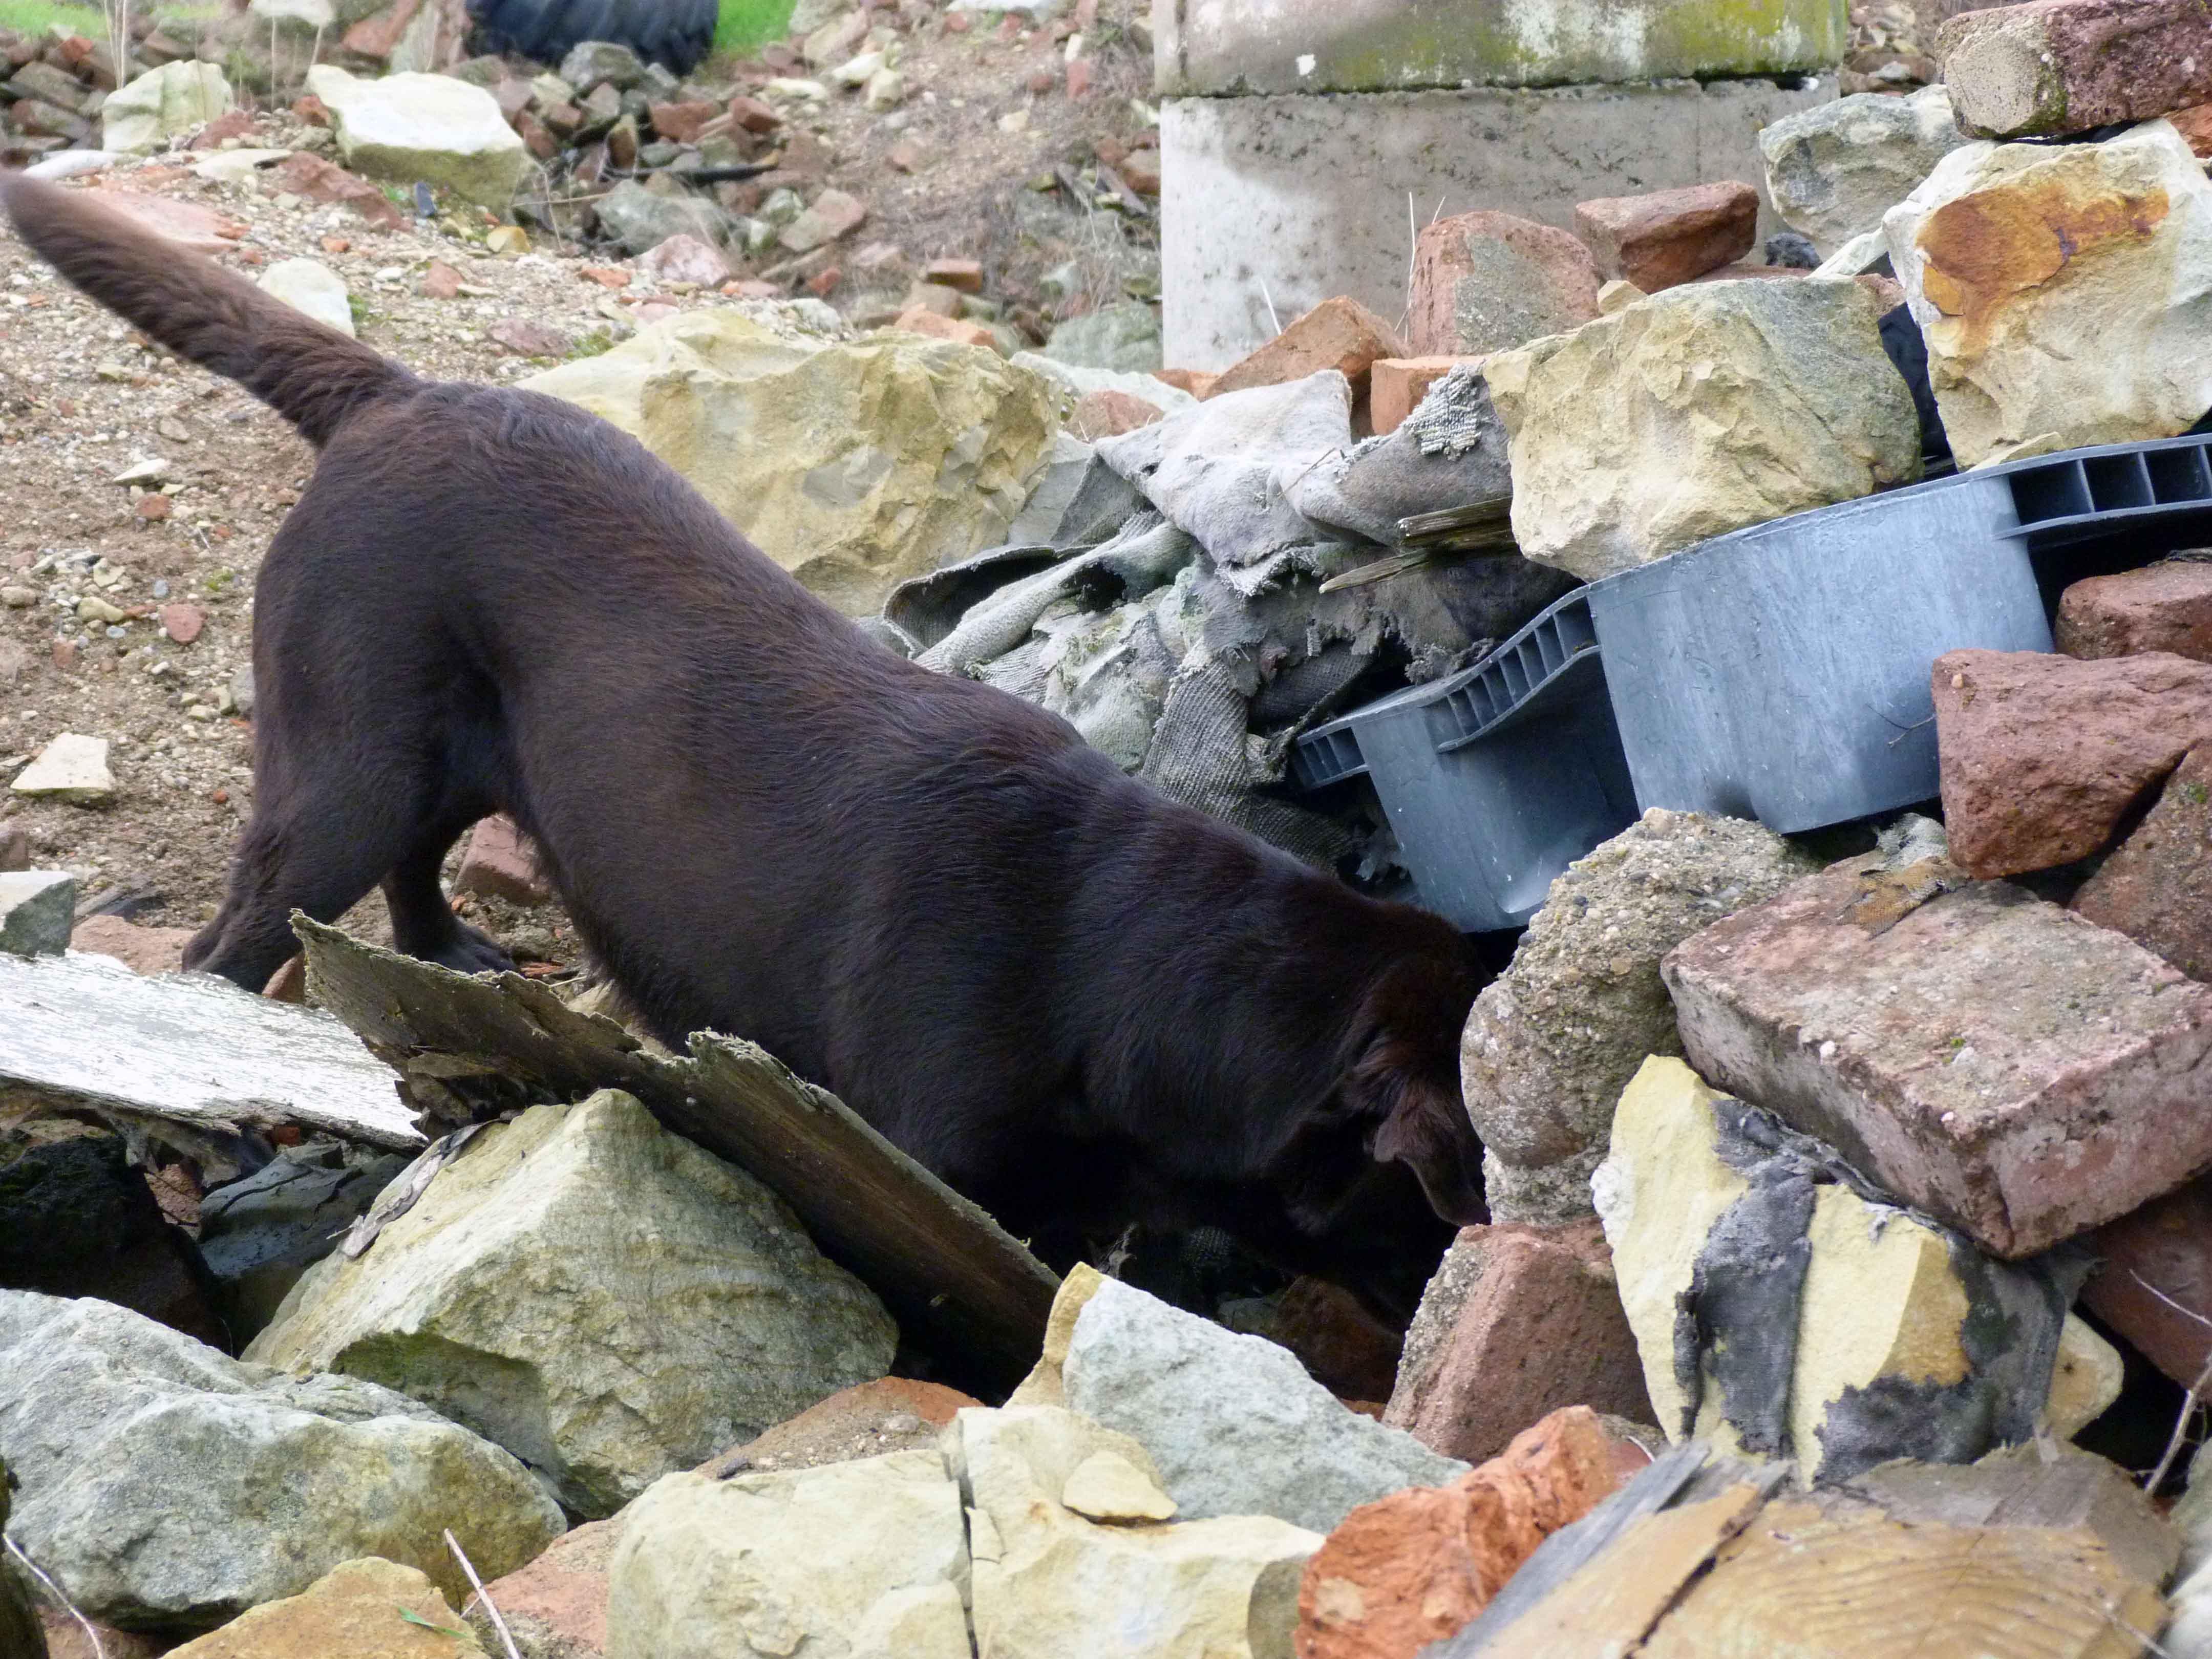 Ein Rettungshund durchsucht einen Trümmerhaufen aus Steinen.